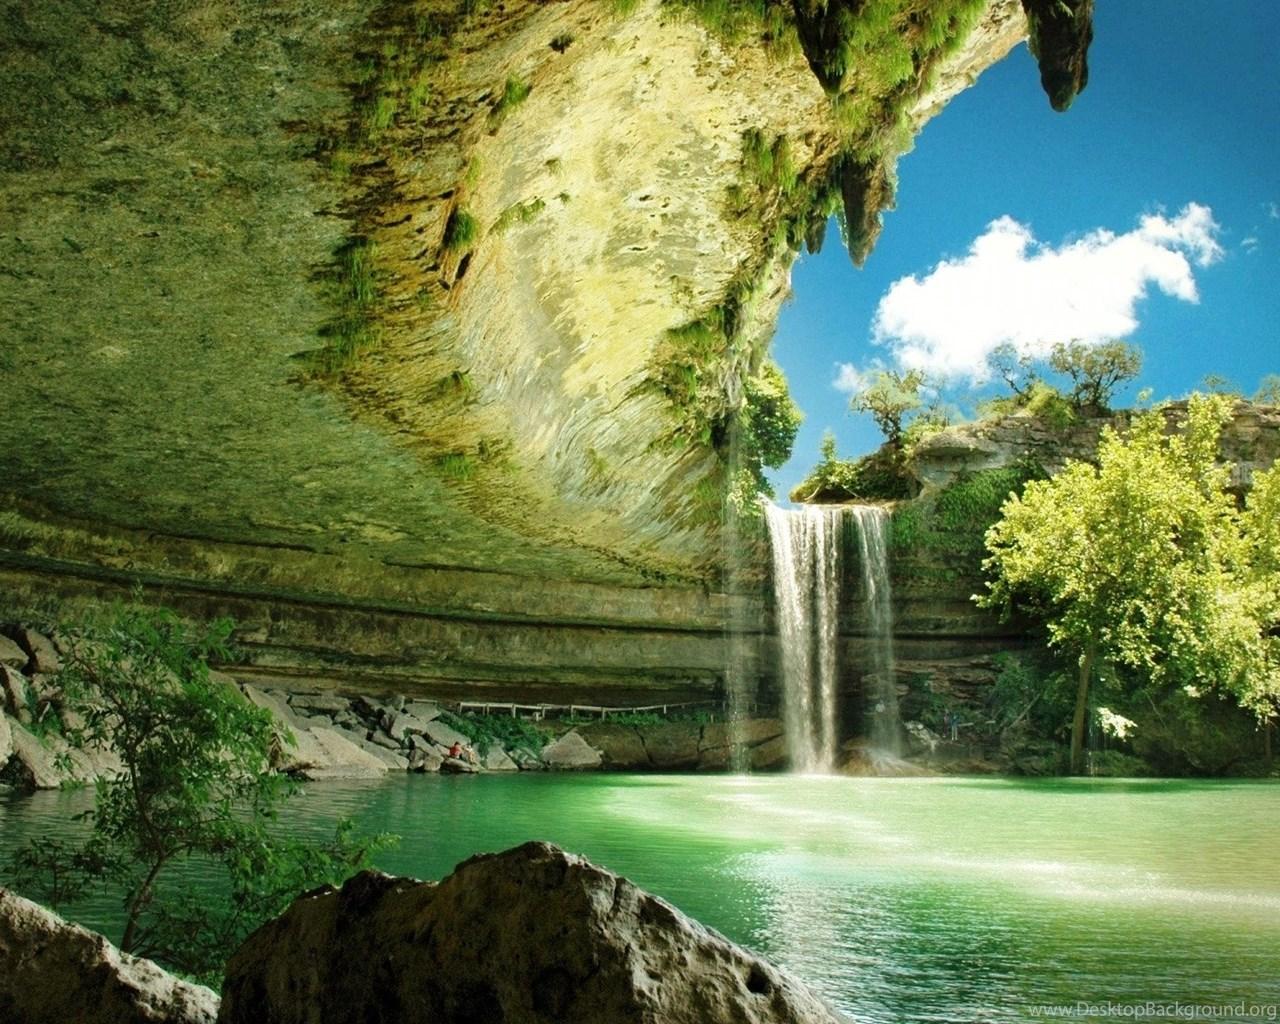 Nature wallpapers full hd wallpapers desktop background - Natures wallpapers for desktop ...